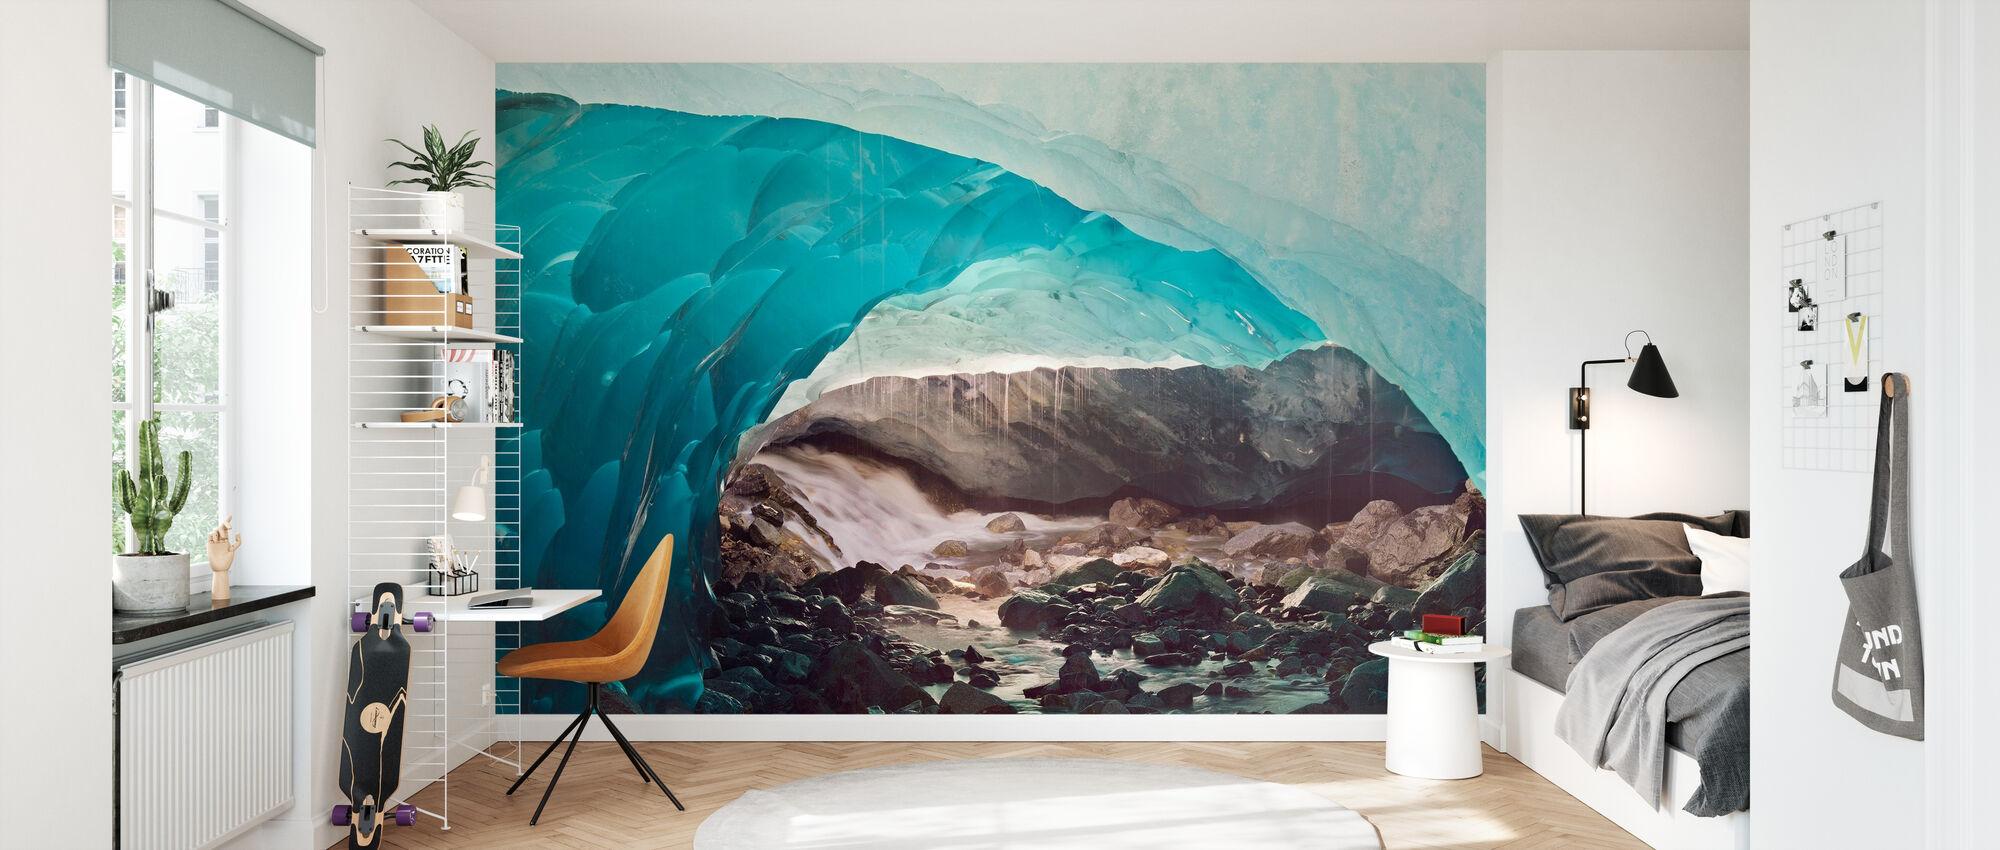 Ice Cave Melting in Mendenhall Glacier, Alaska - Wallpaper - Kids Room